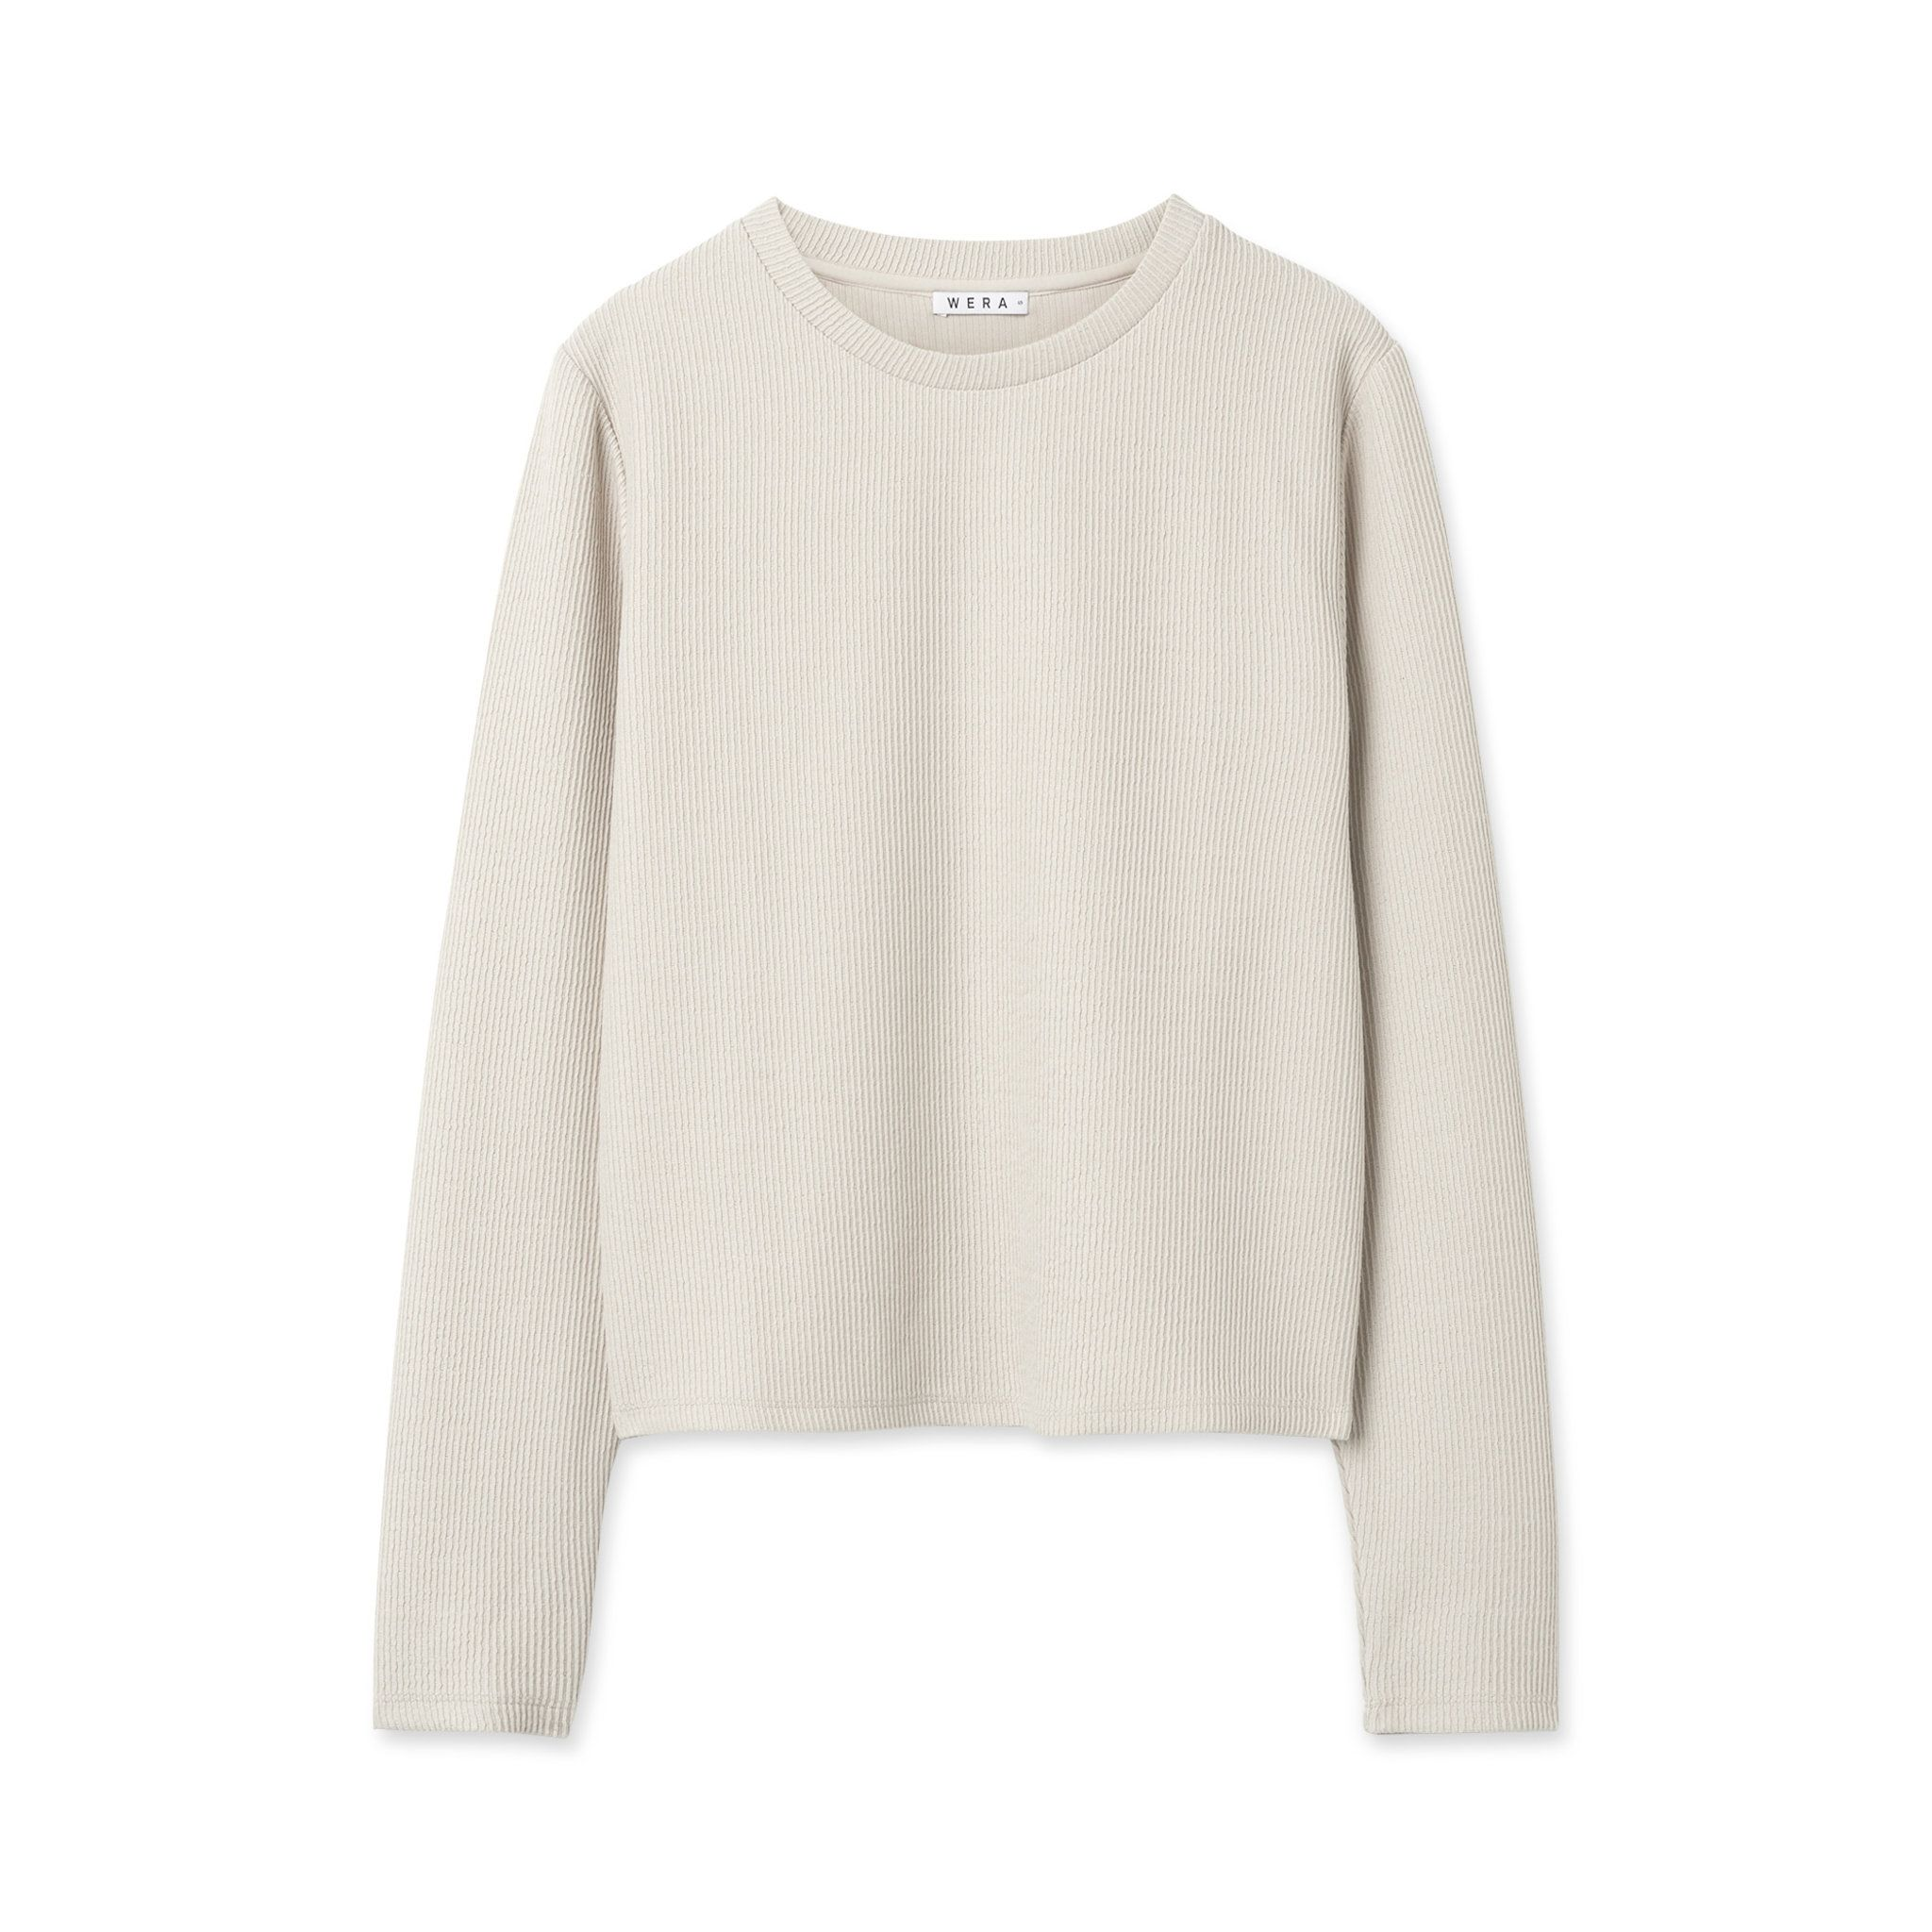 Tröja ribbad, offwhite | Tröjor, Mode och Hoodie